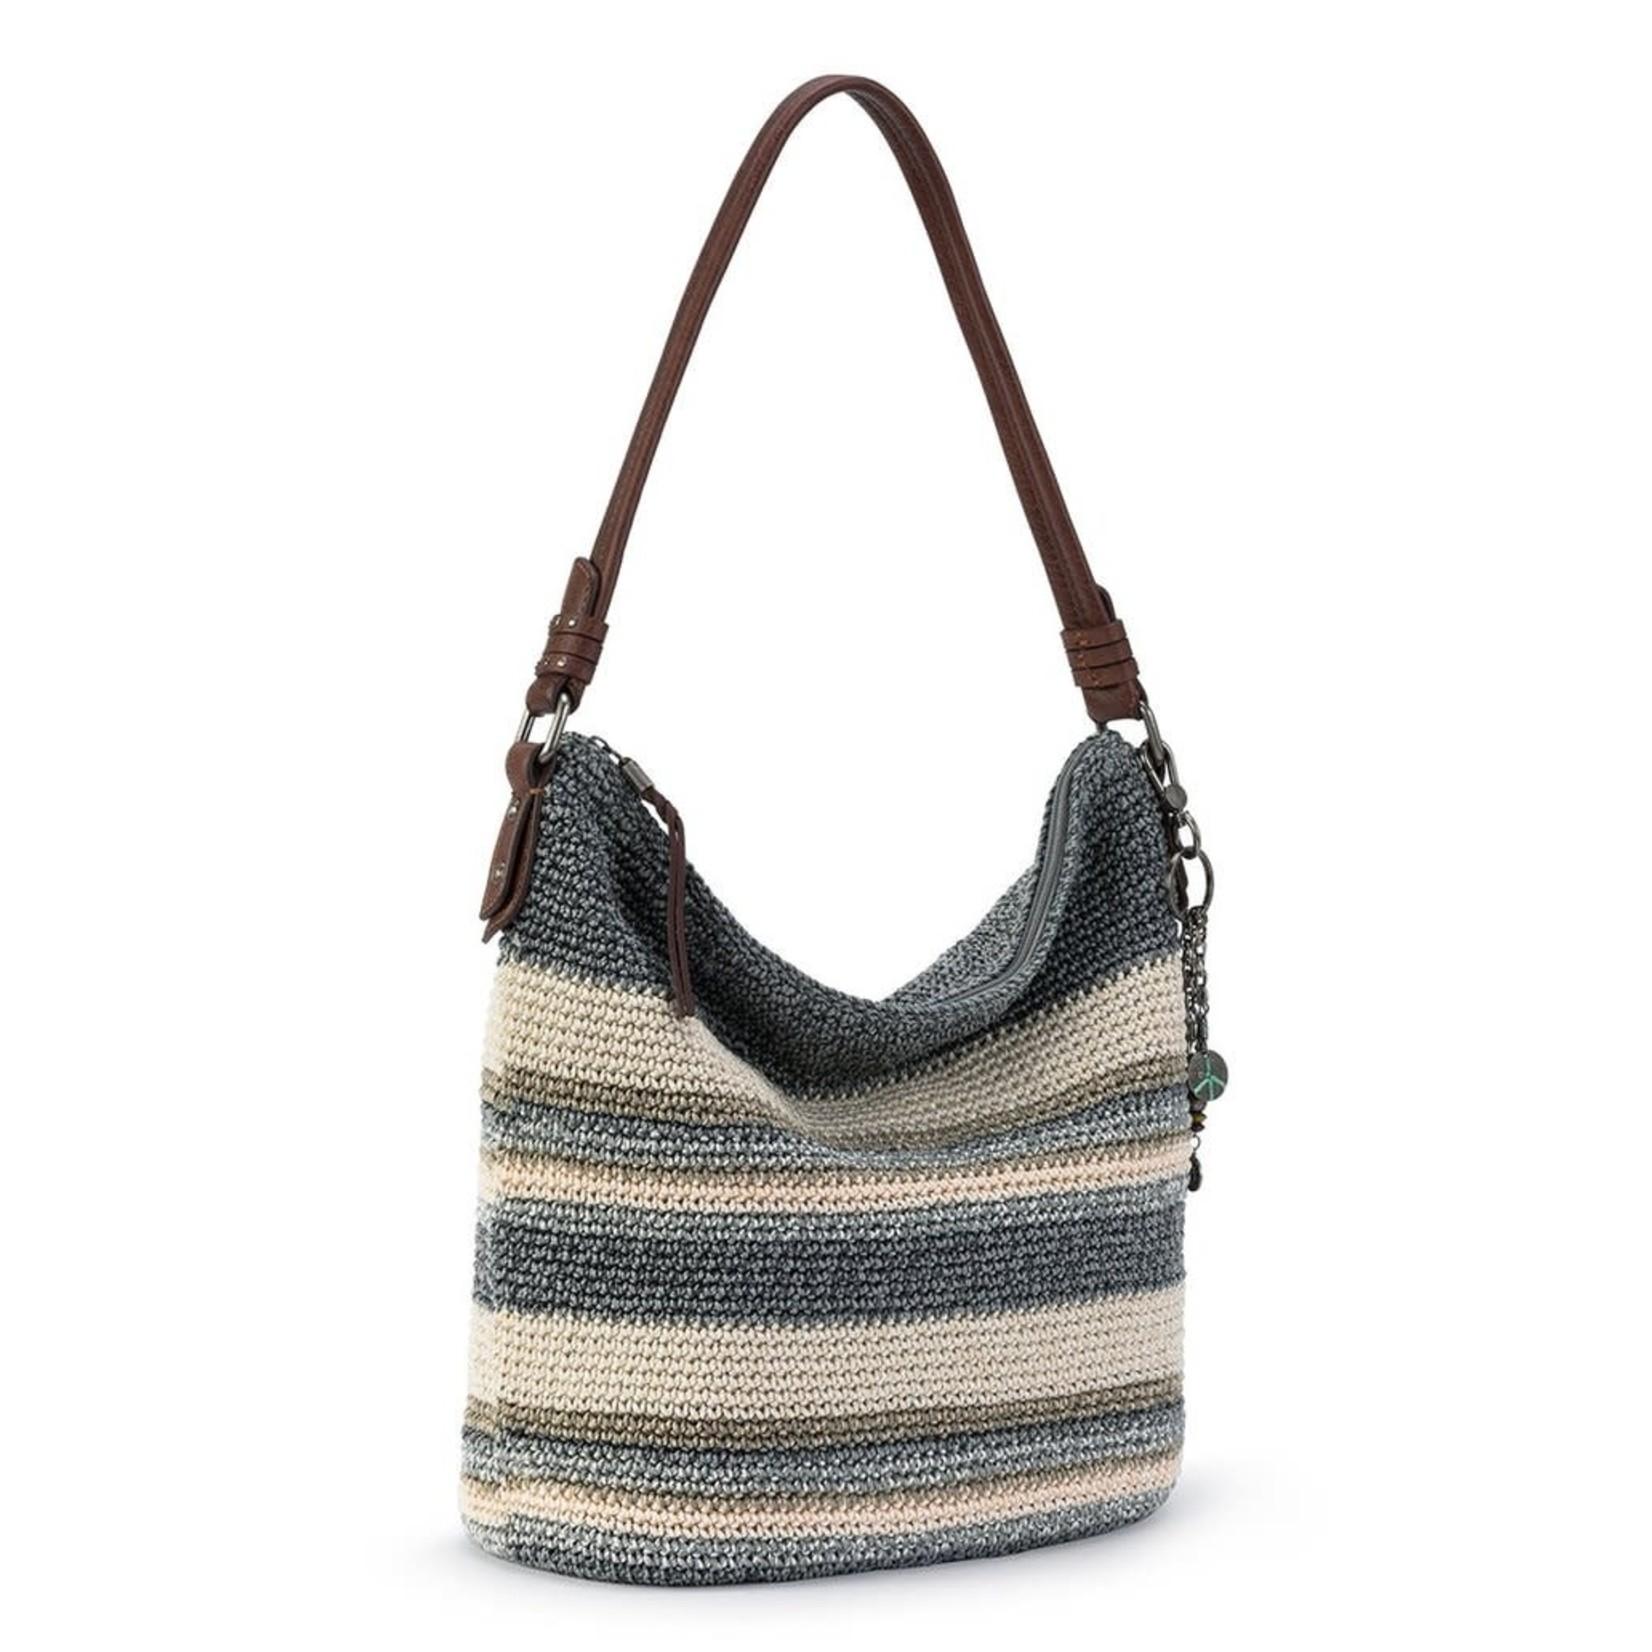 The Sak Sequoia Crochet Hobo - Desert Stripe